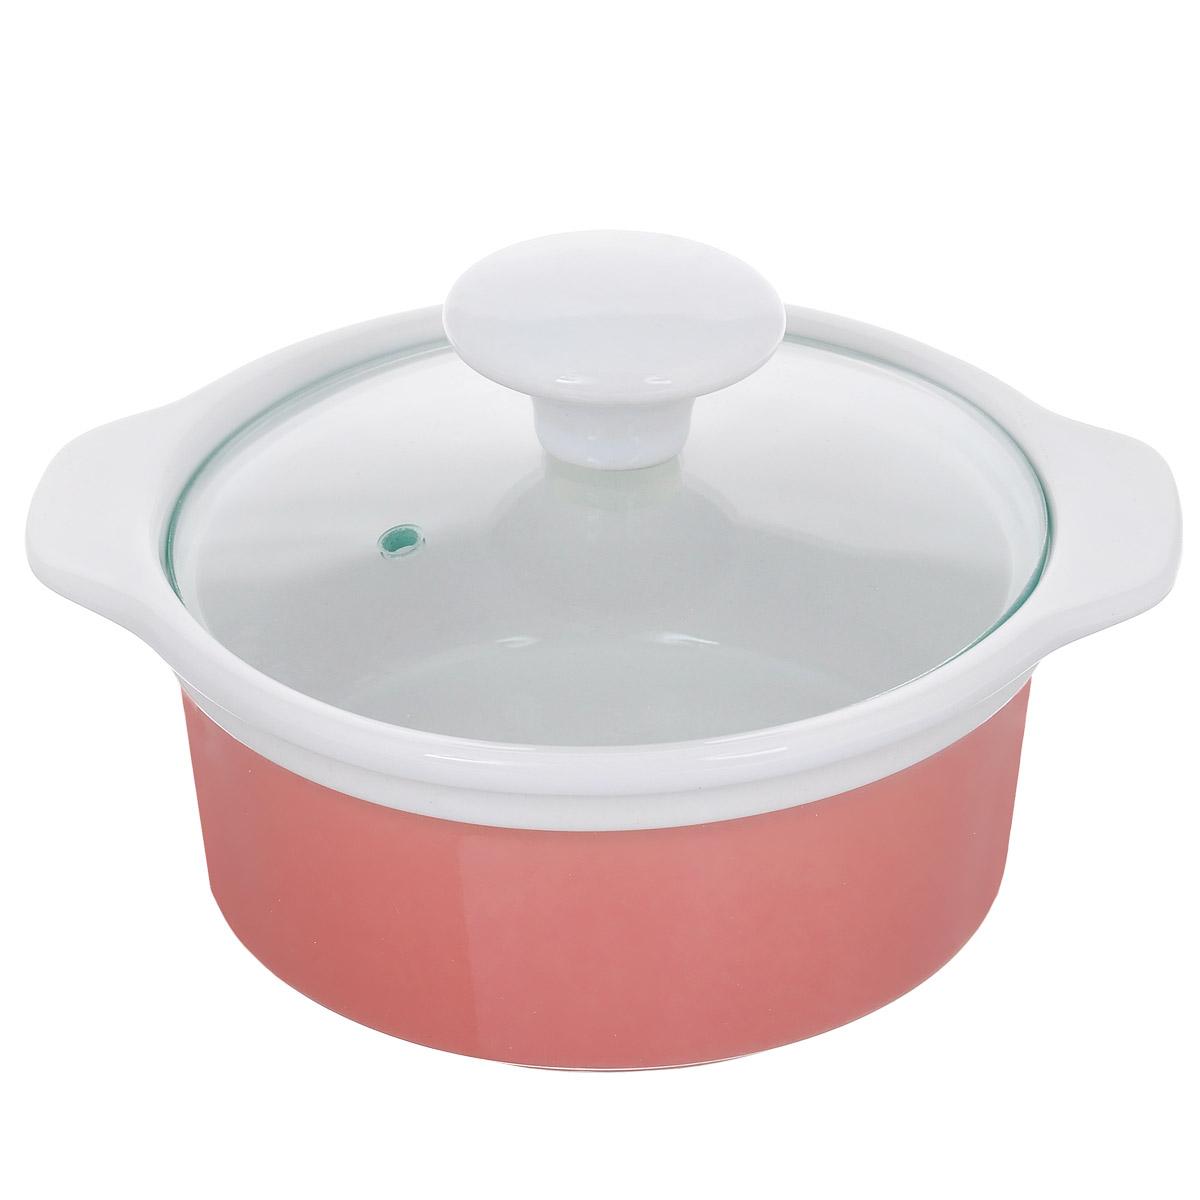 Кастрюля с крышкой, цвет: розовый, 0,6 л. Кт CX002SCX002S-PK (F)Кастрюля выполнена из высококачественной глазурованной керамики и предназначена для запекания различных блюд. Крышка кастрюли изготовлена из стекла с керамической ручкой и отверстием для пара. Можно мыть в посудомоечной машине и использовать в духовом шкафу. Не пригодна для использования на газовой плите. Это идеальный подарок для современных хозяек, которые следят за своим здоровьем и здоровьем своей семьи. Эргономичный дизайн и функциональность позволят вам наслаждаться процессом приготовления любимых, полезных для здоровья блюд. Внутренний диаметр: 12 см. Ширина (с учетом ручек) 17,5 см. Высота стенки: 6,7 см.